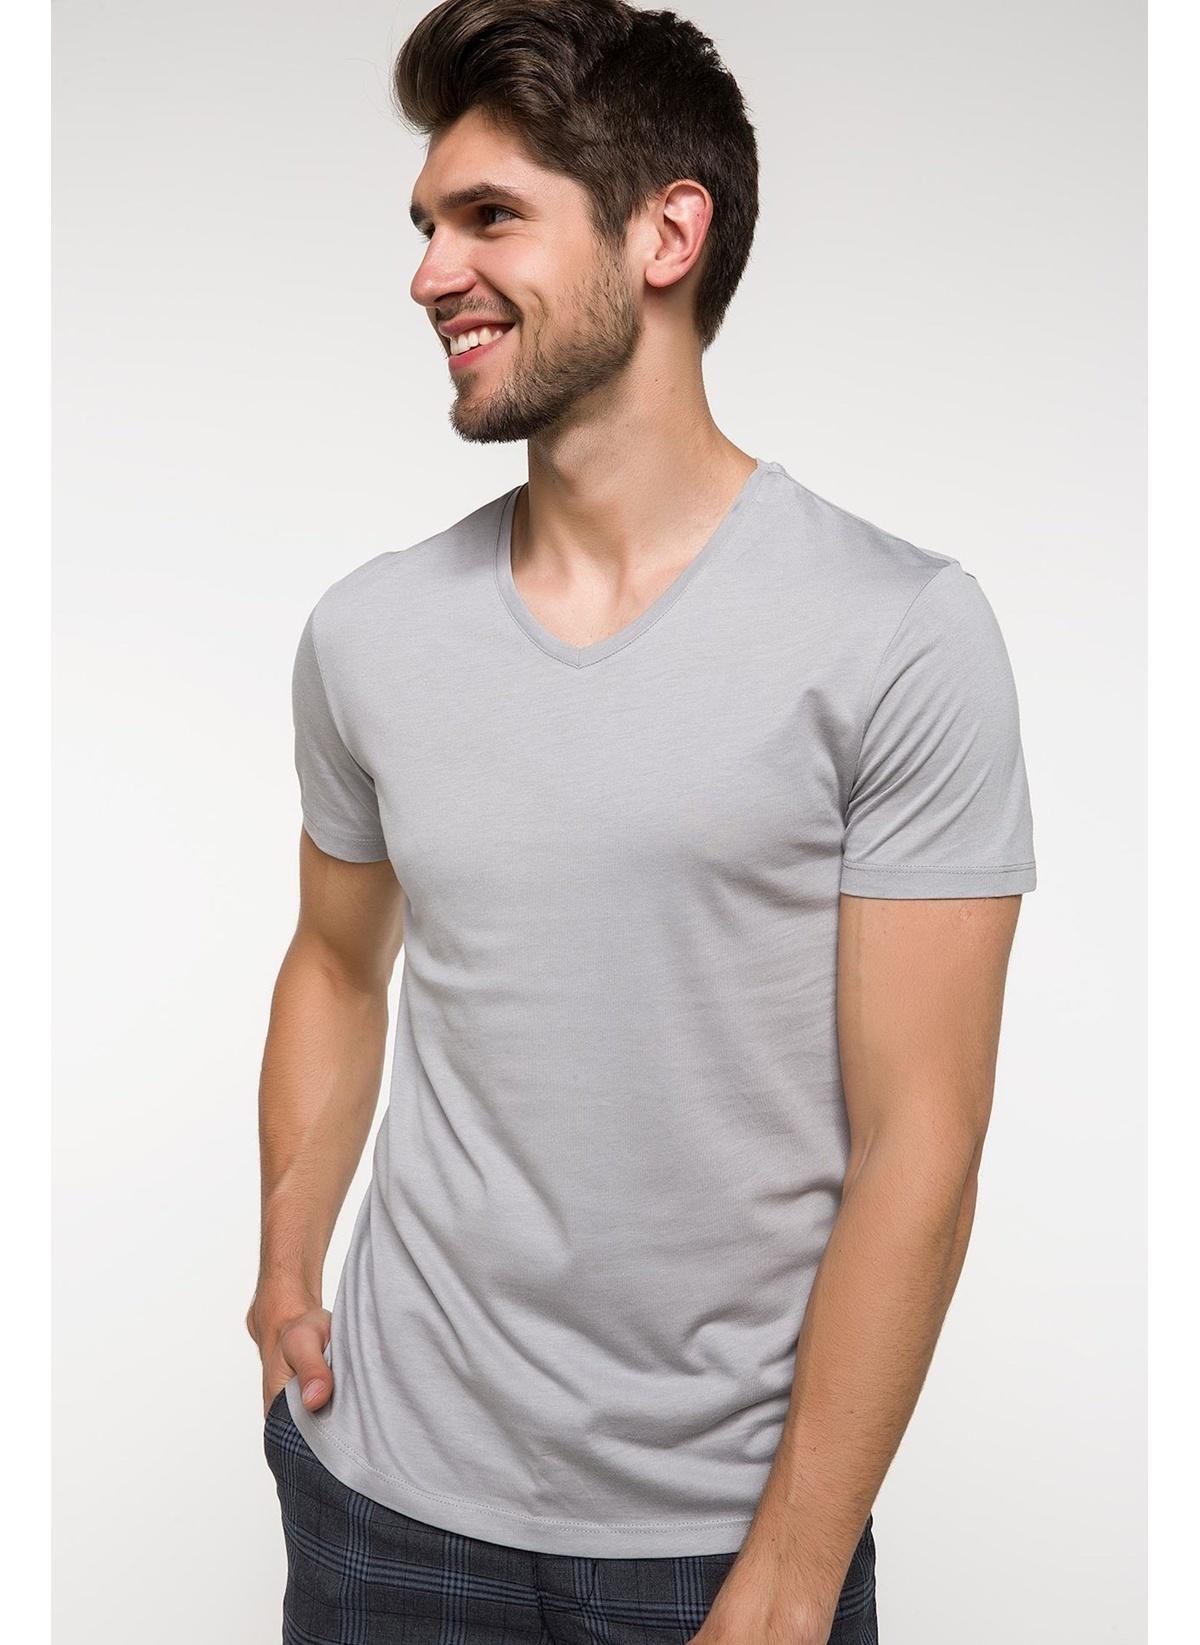 Defacto Tişört I3478az18smgr52t-shirt – 19.99 TL